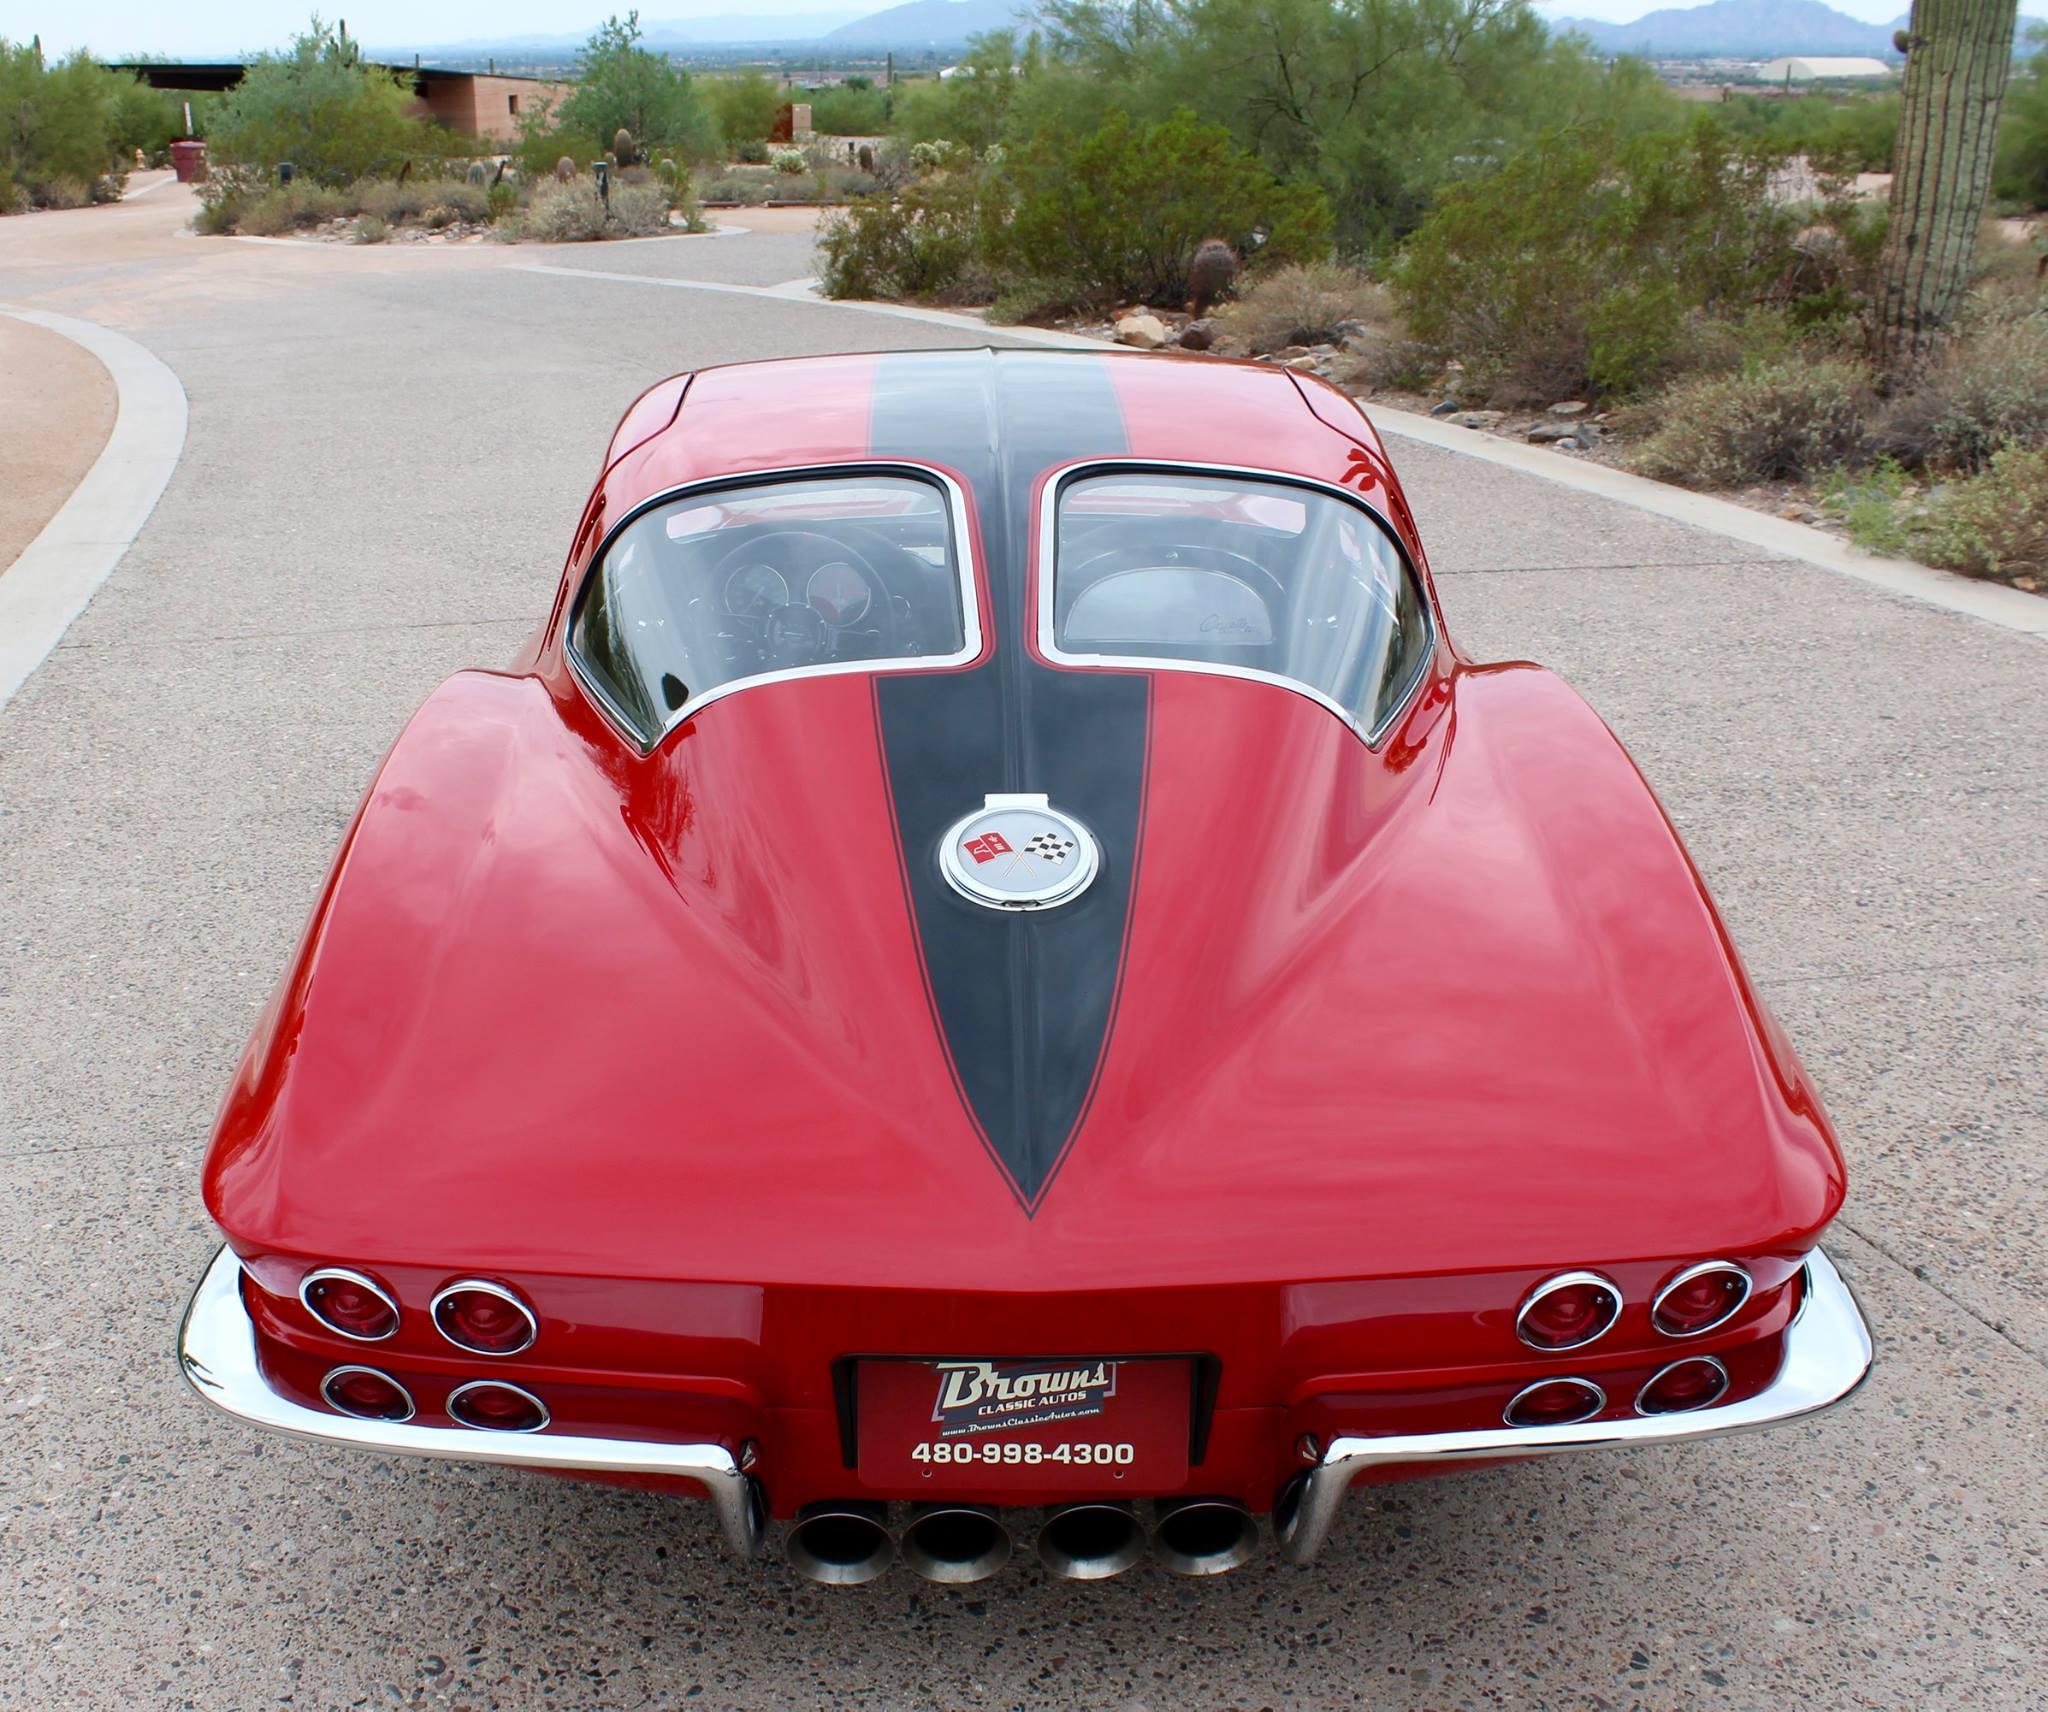 Corvette Lt1 Swap: 1963 Corvette With A Supercharged LT1 V8